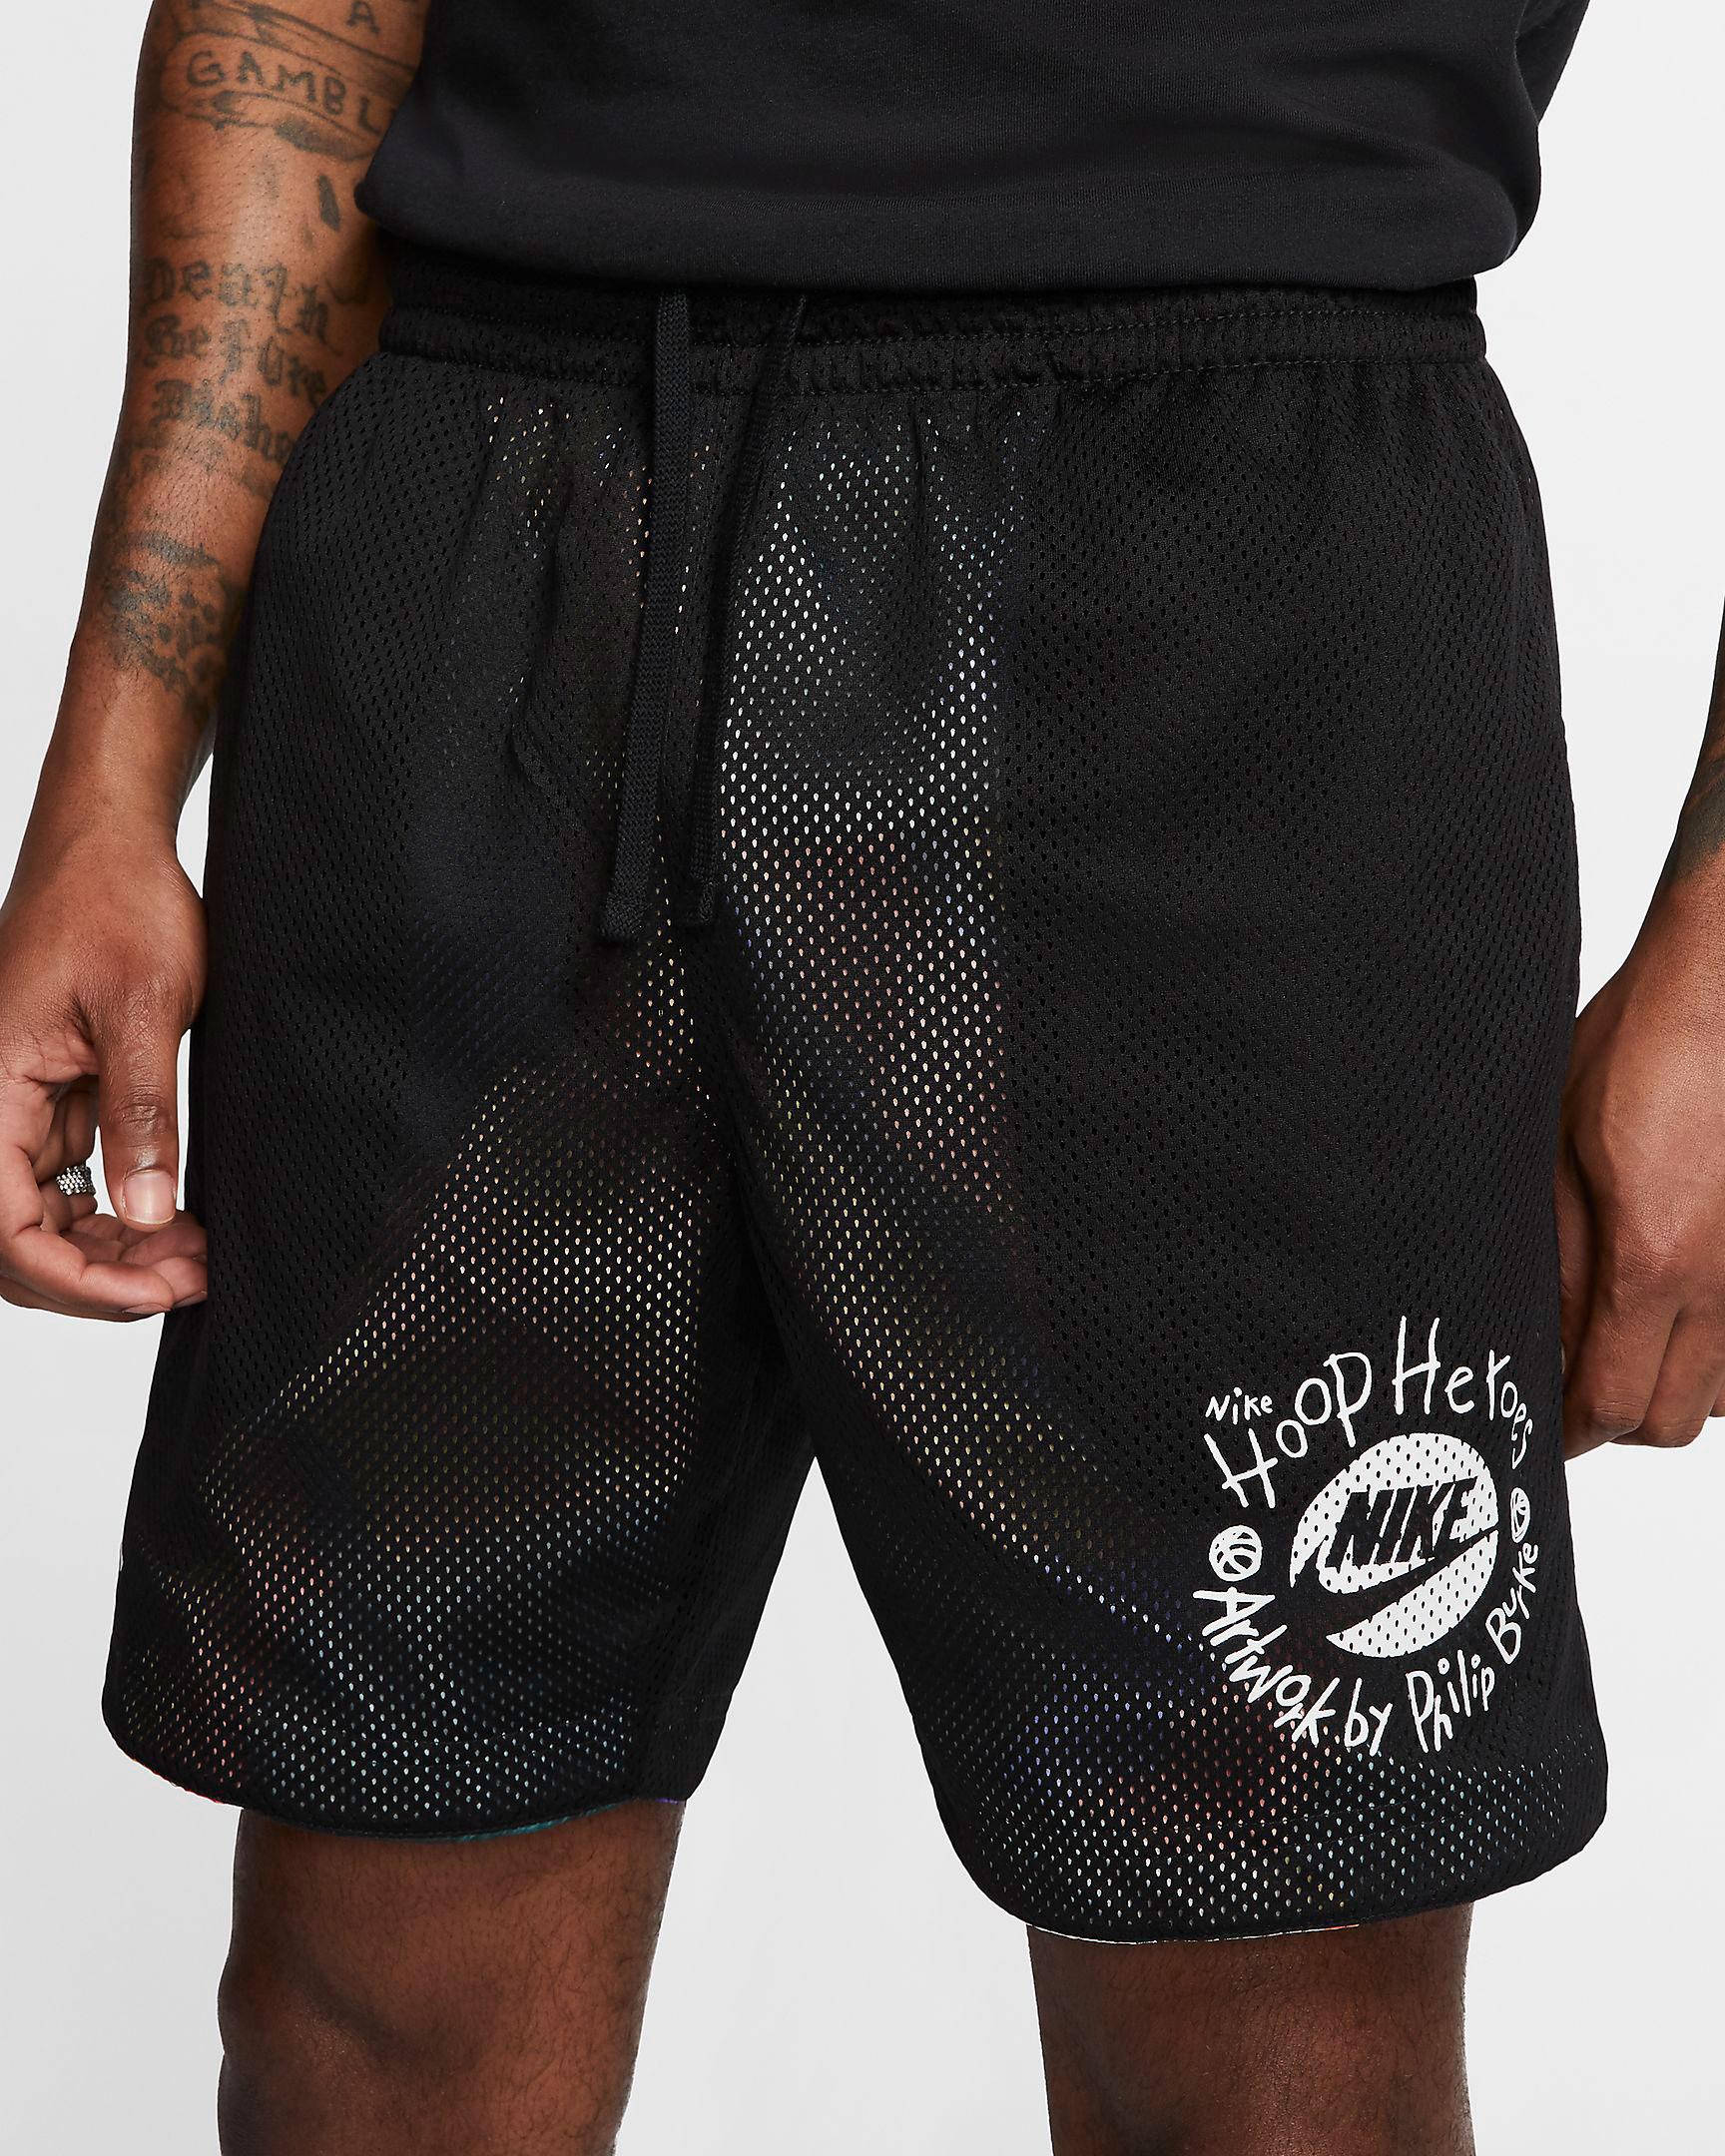 jordan-hoop-heroes-shorts-3